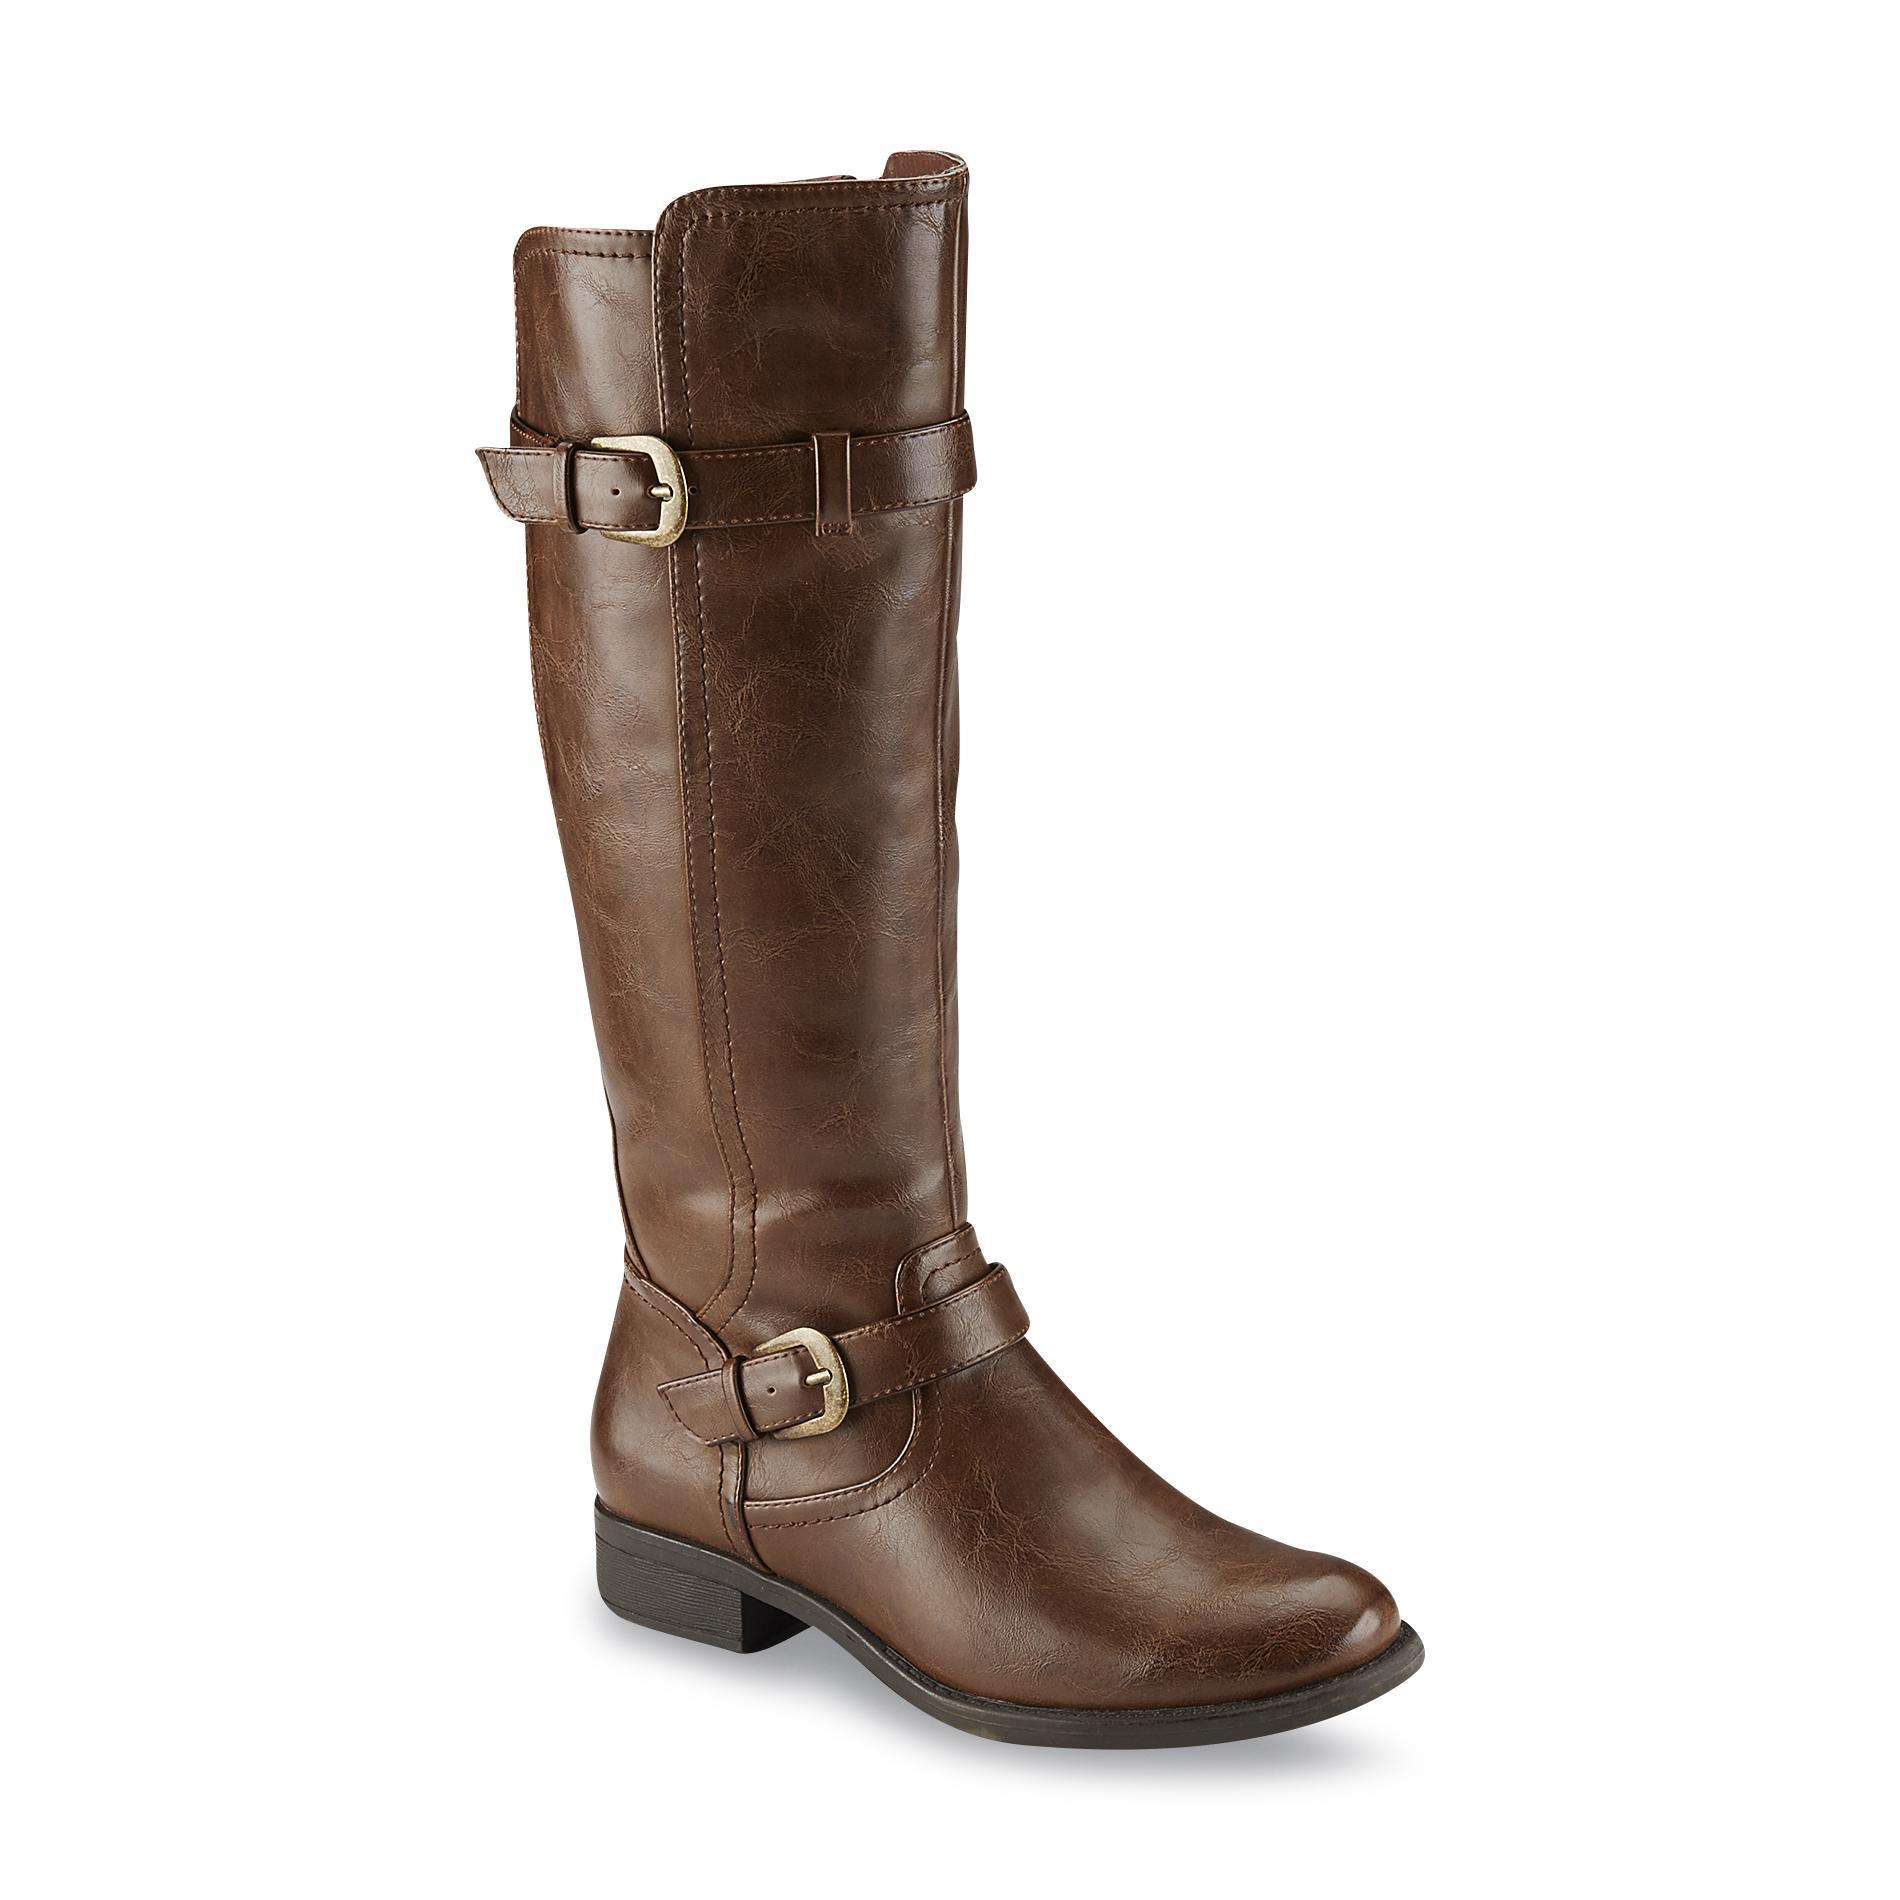 boots for women therashoe womenu0027s julia brown riding boot - shoes - womenu0027s shoes - womenu0027s  boots XIUEIEU